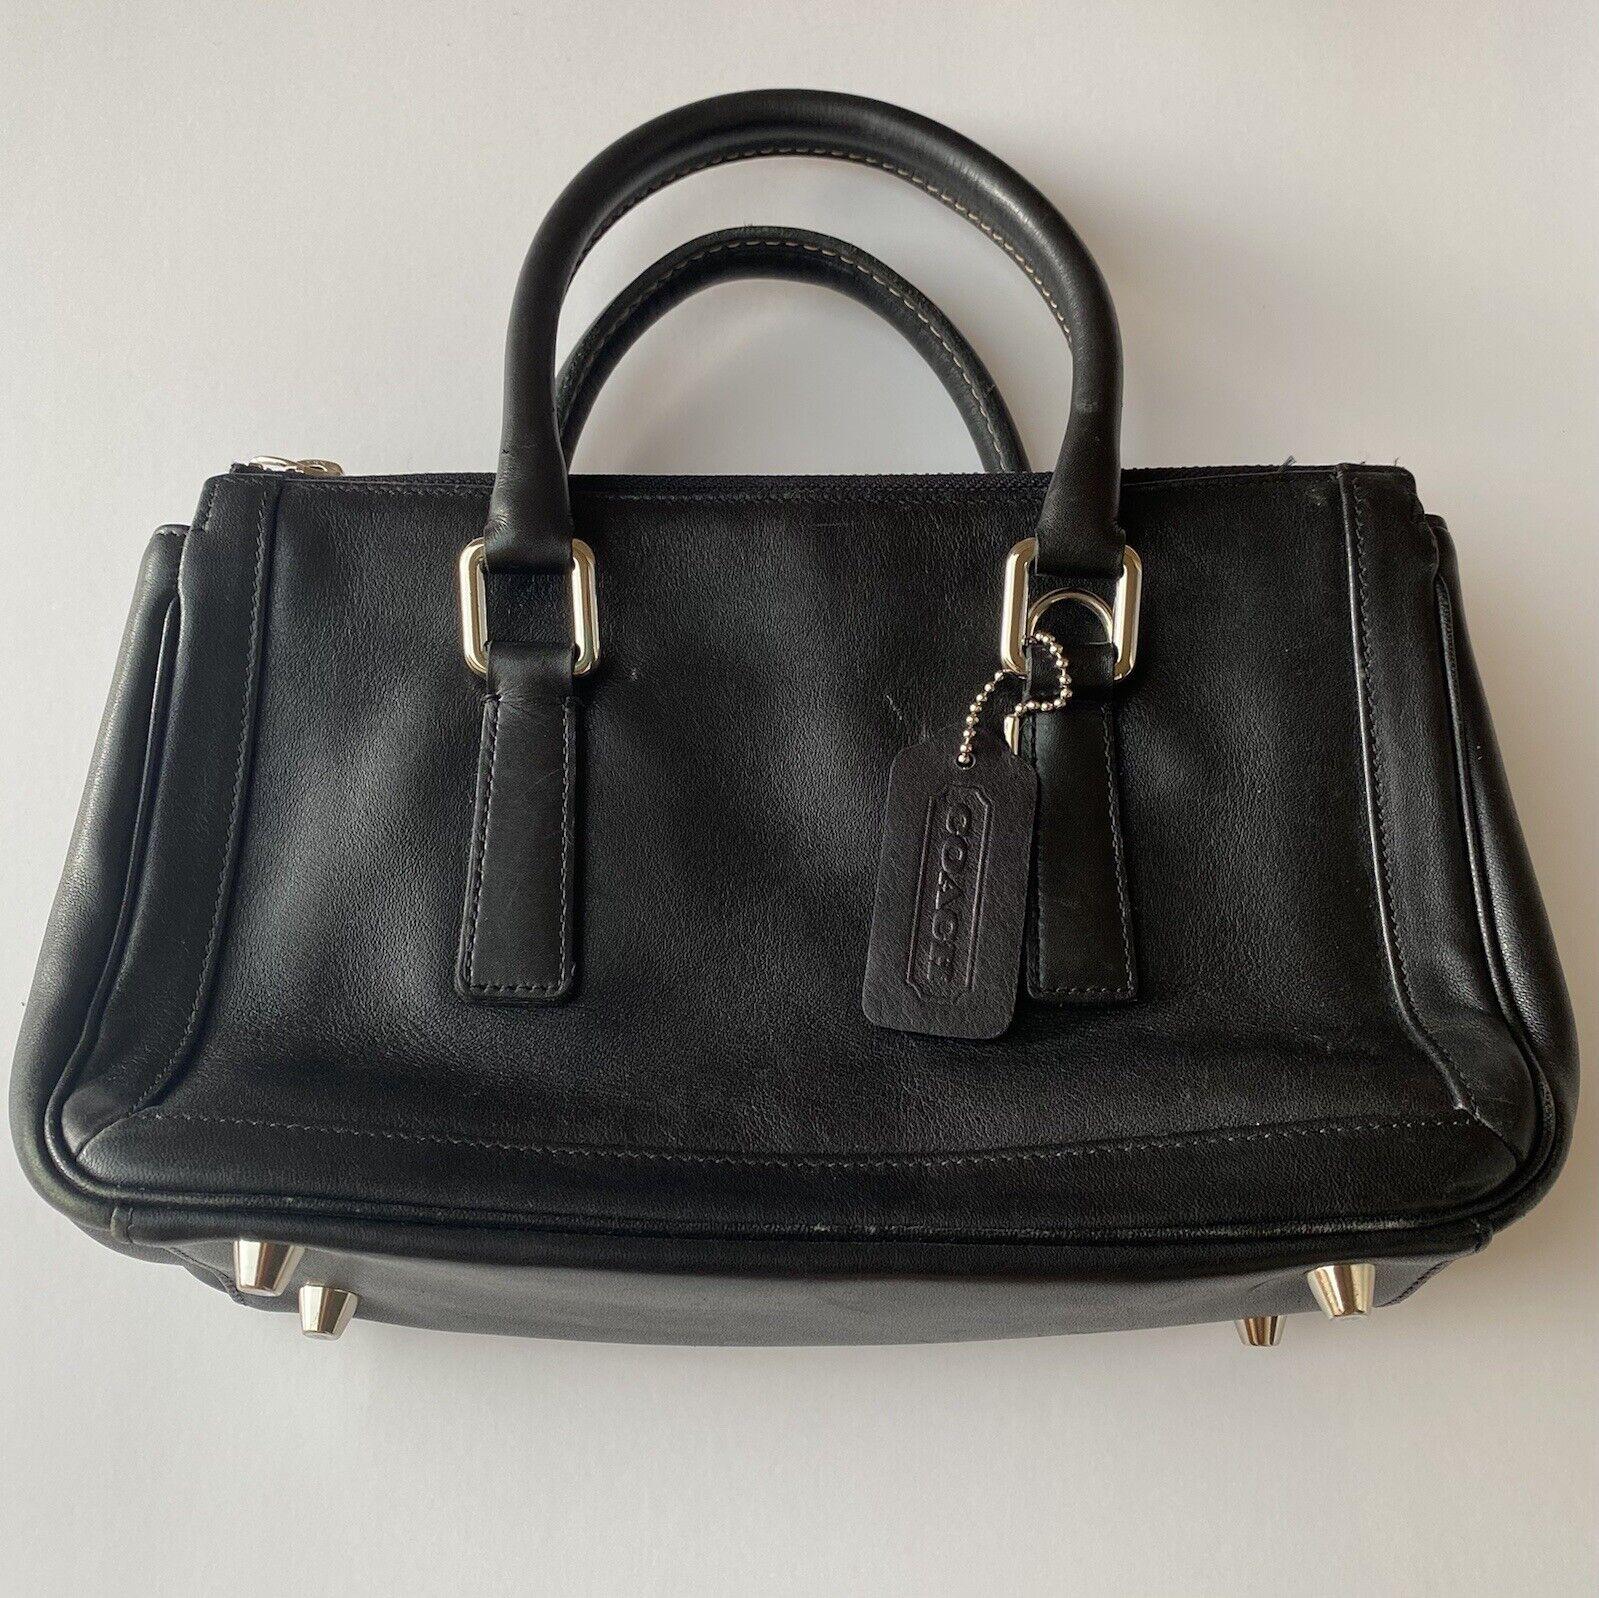 coach bonnie vintage black leather handbag  - image 1